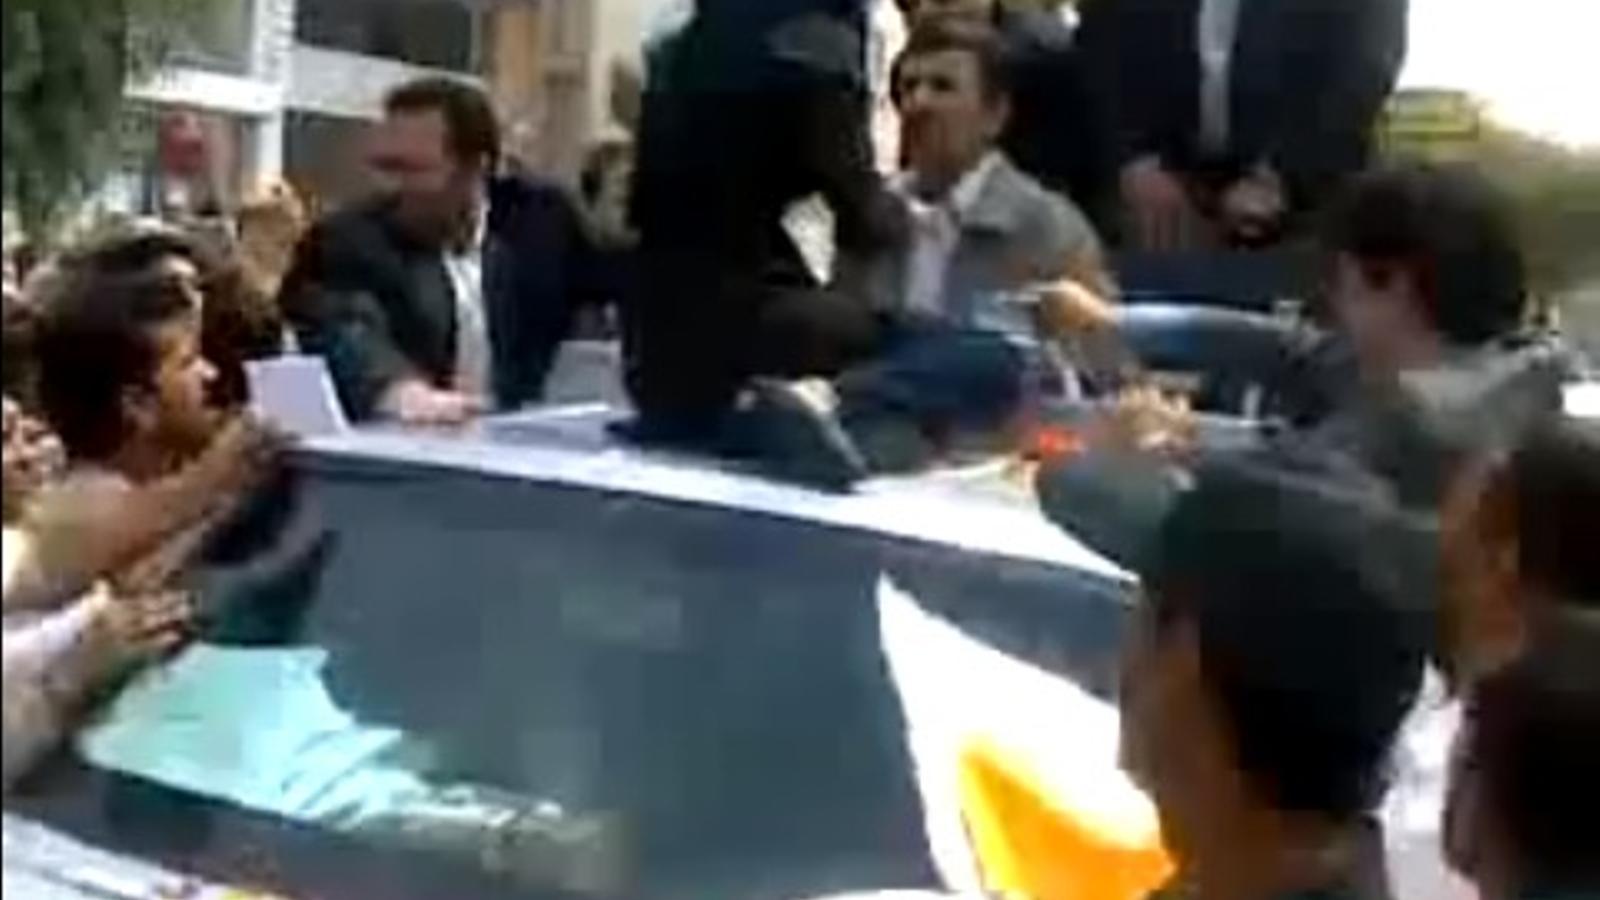 Una dona reclama al president iranià: Ahmadinejad, tinc gana